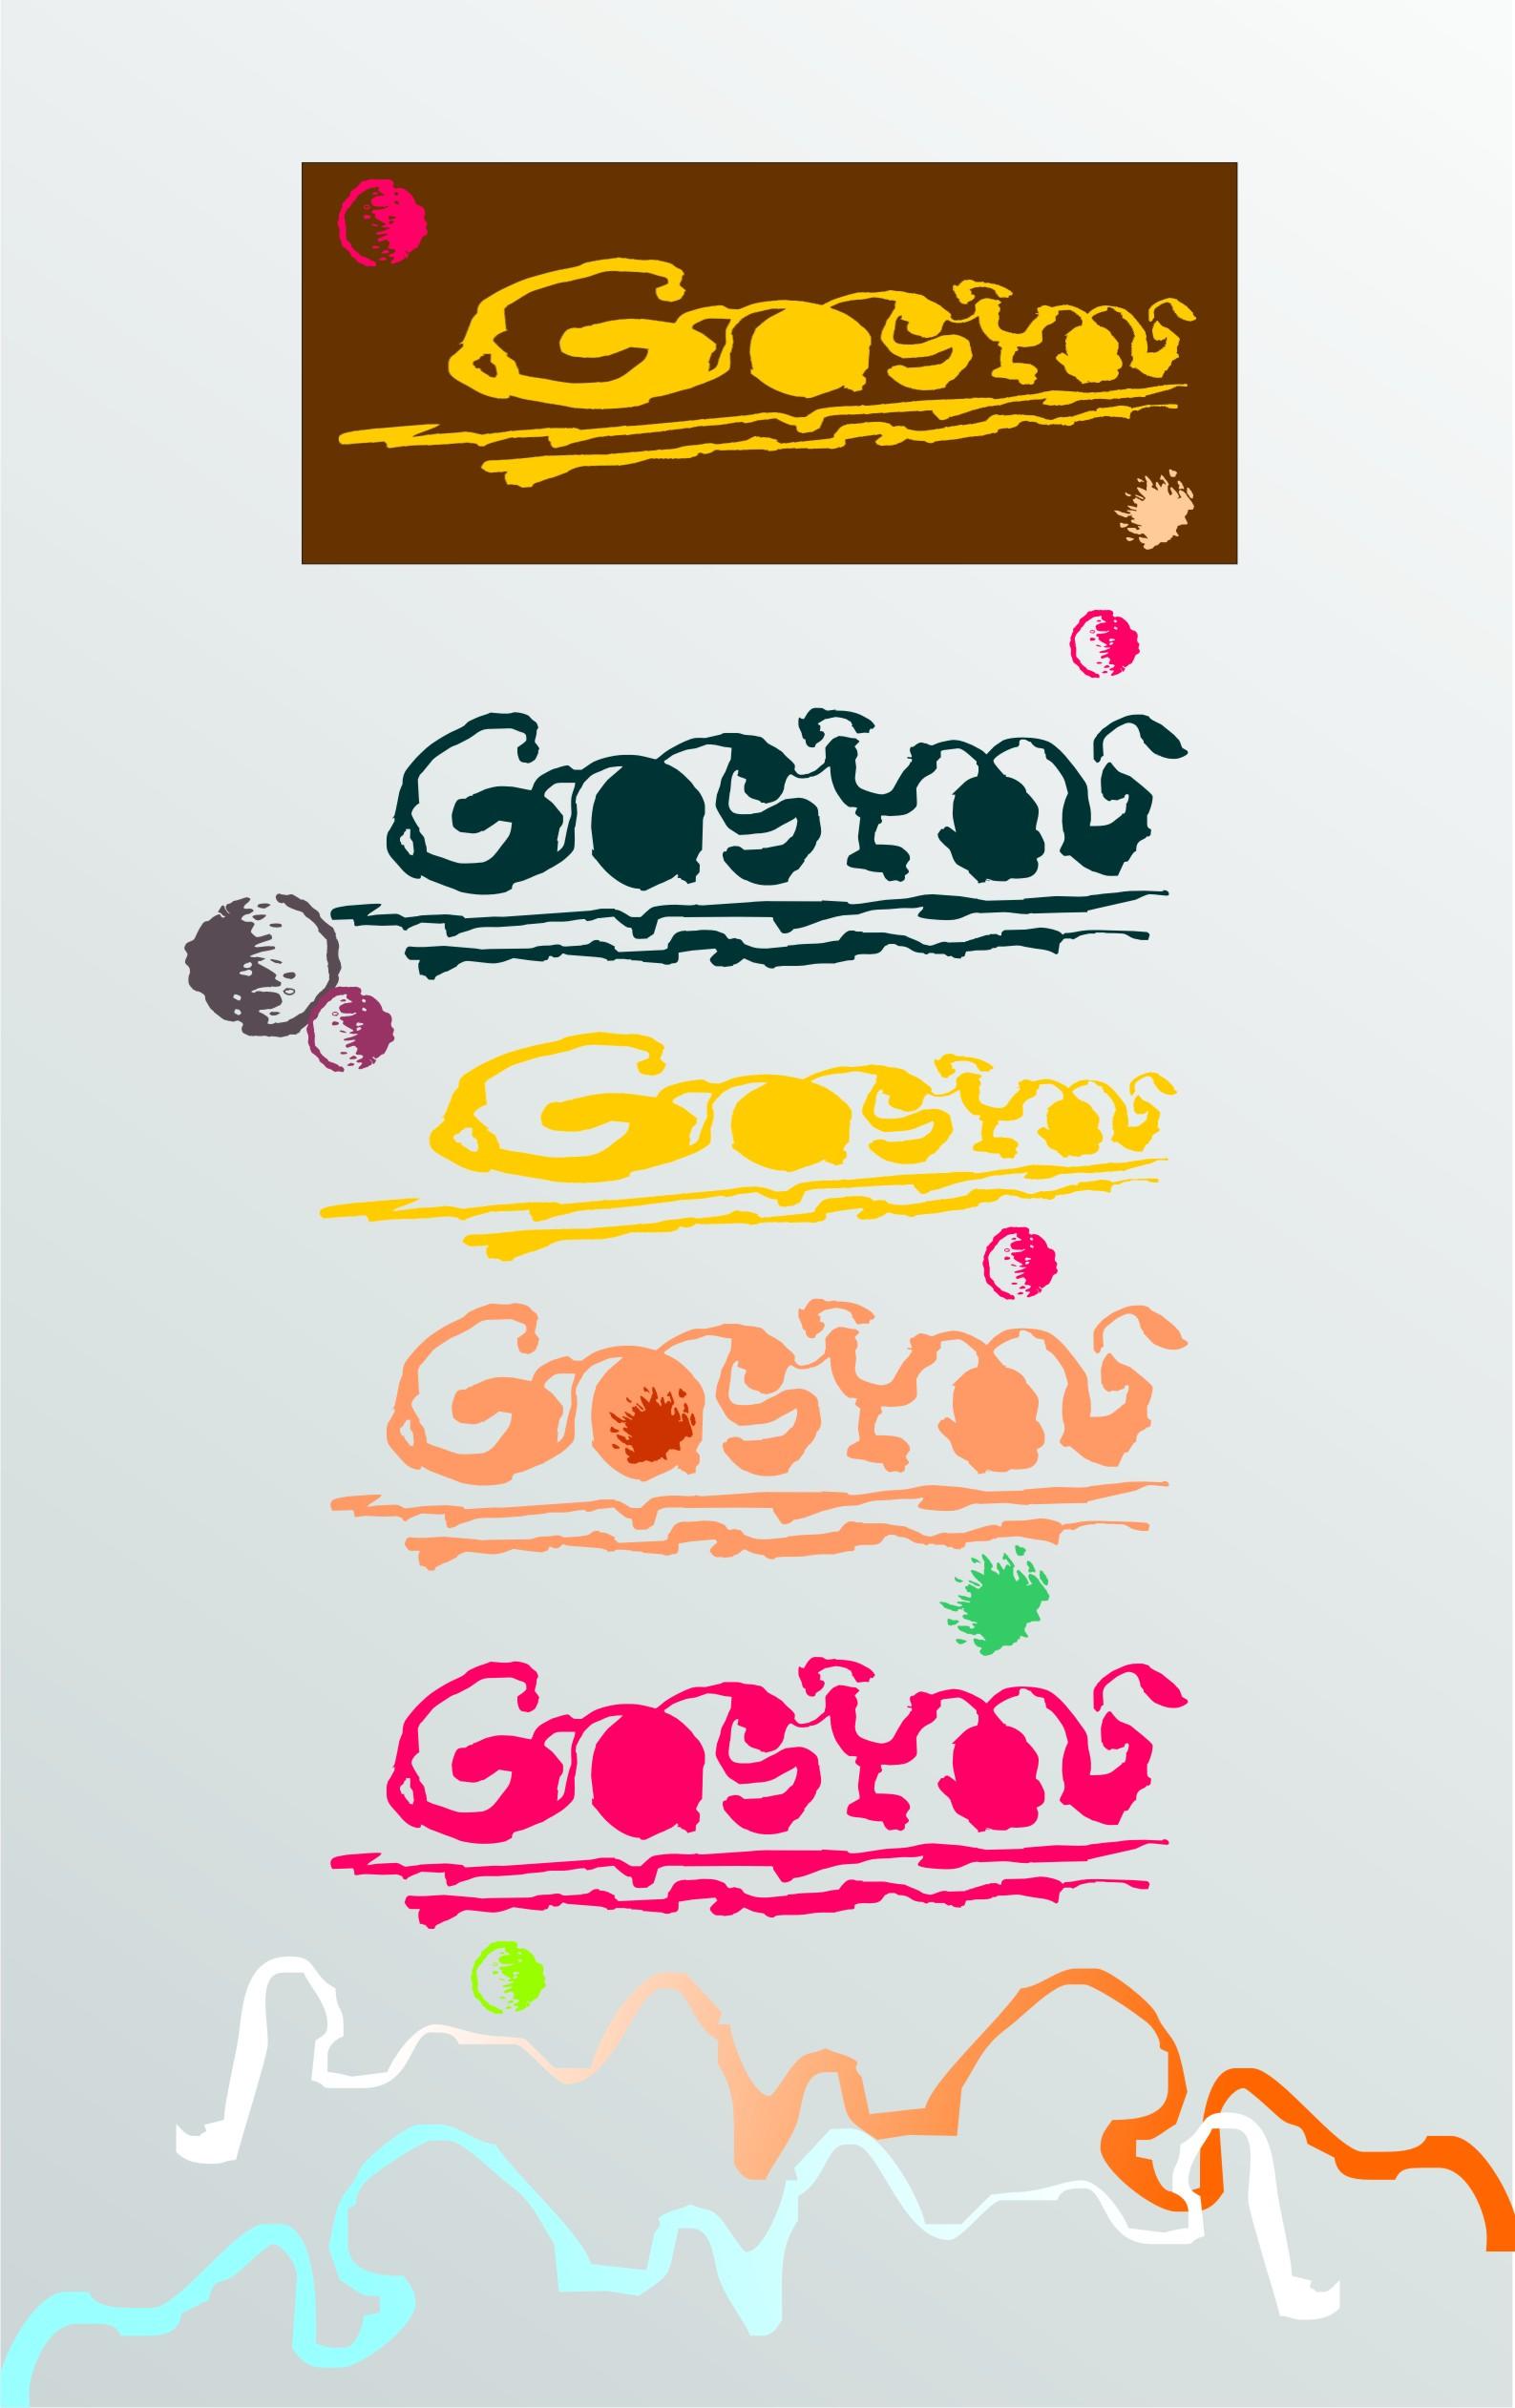 Логотип, фир. стиль и иконку для социальной сети GosYou фото f_50864e27a6f9e.jpg